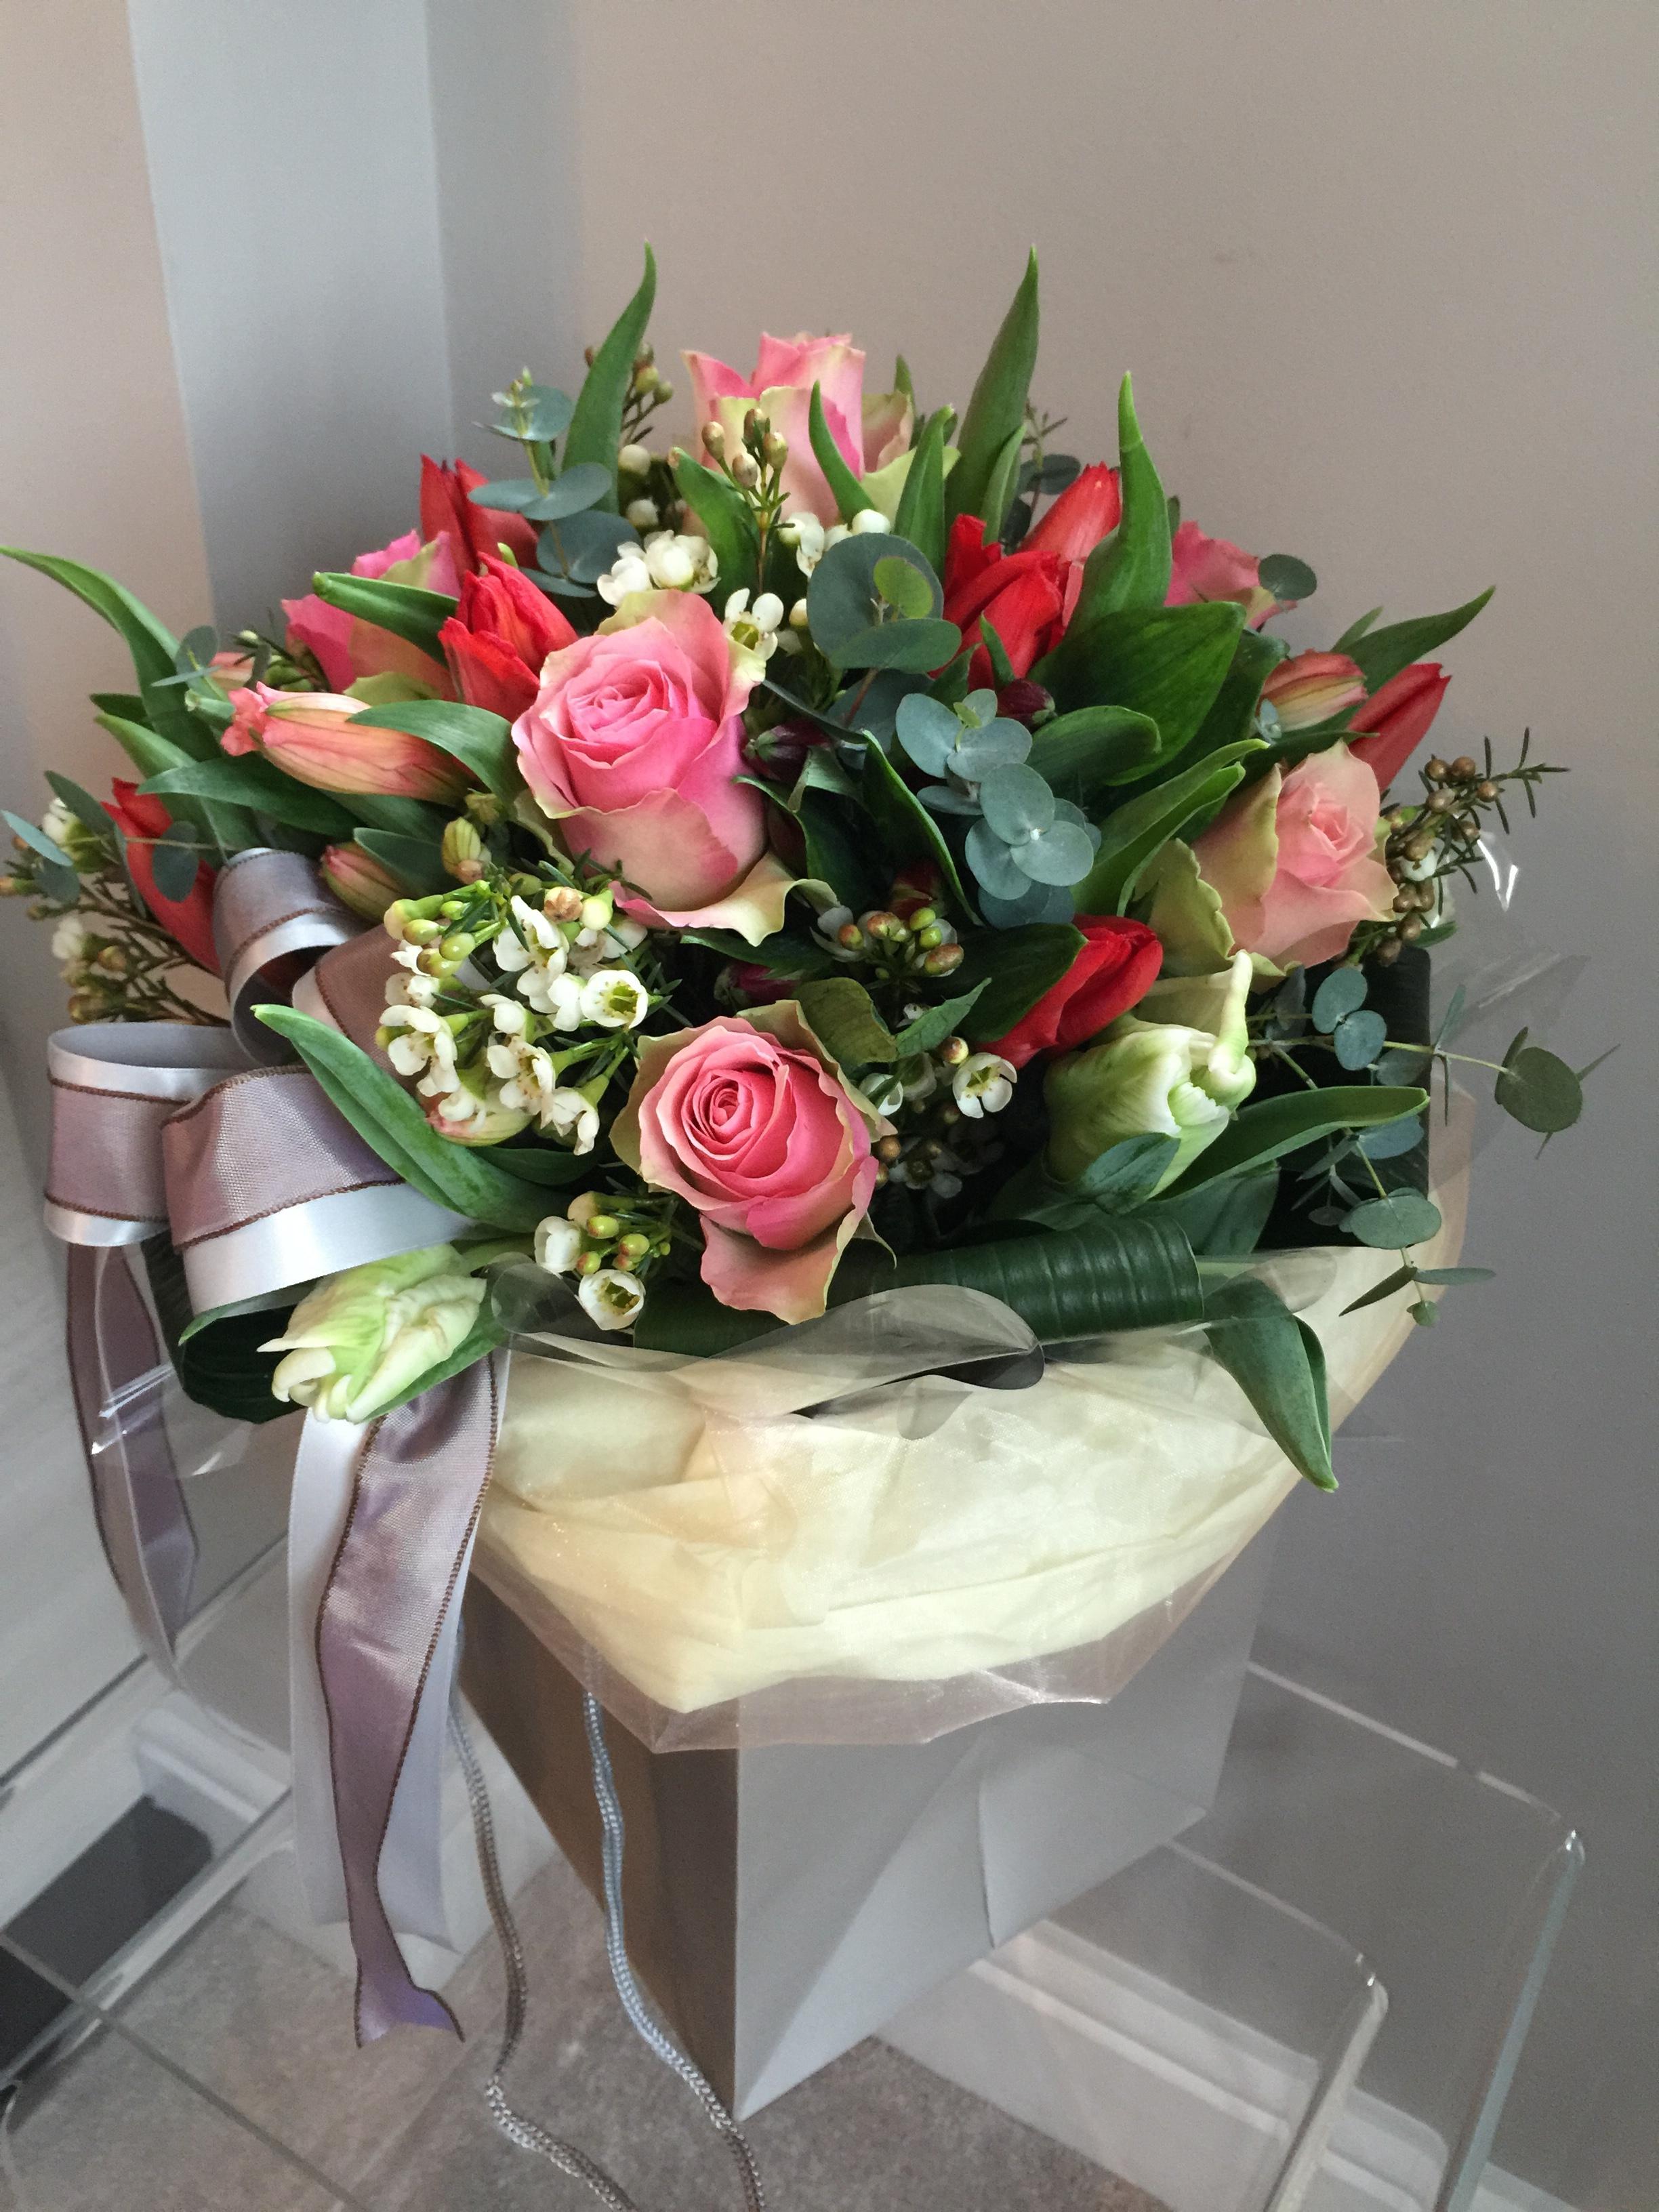 Celebration Bouquet